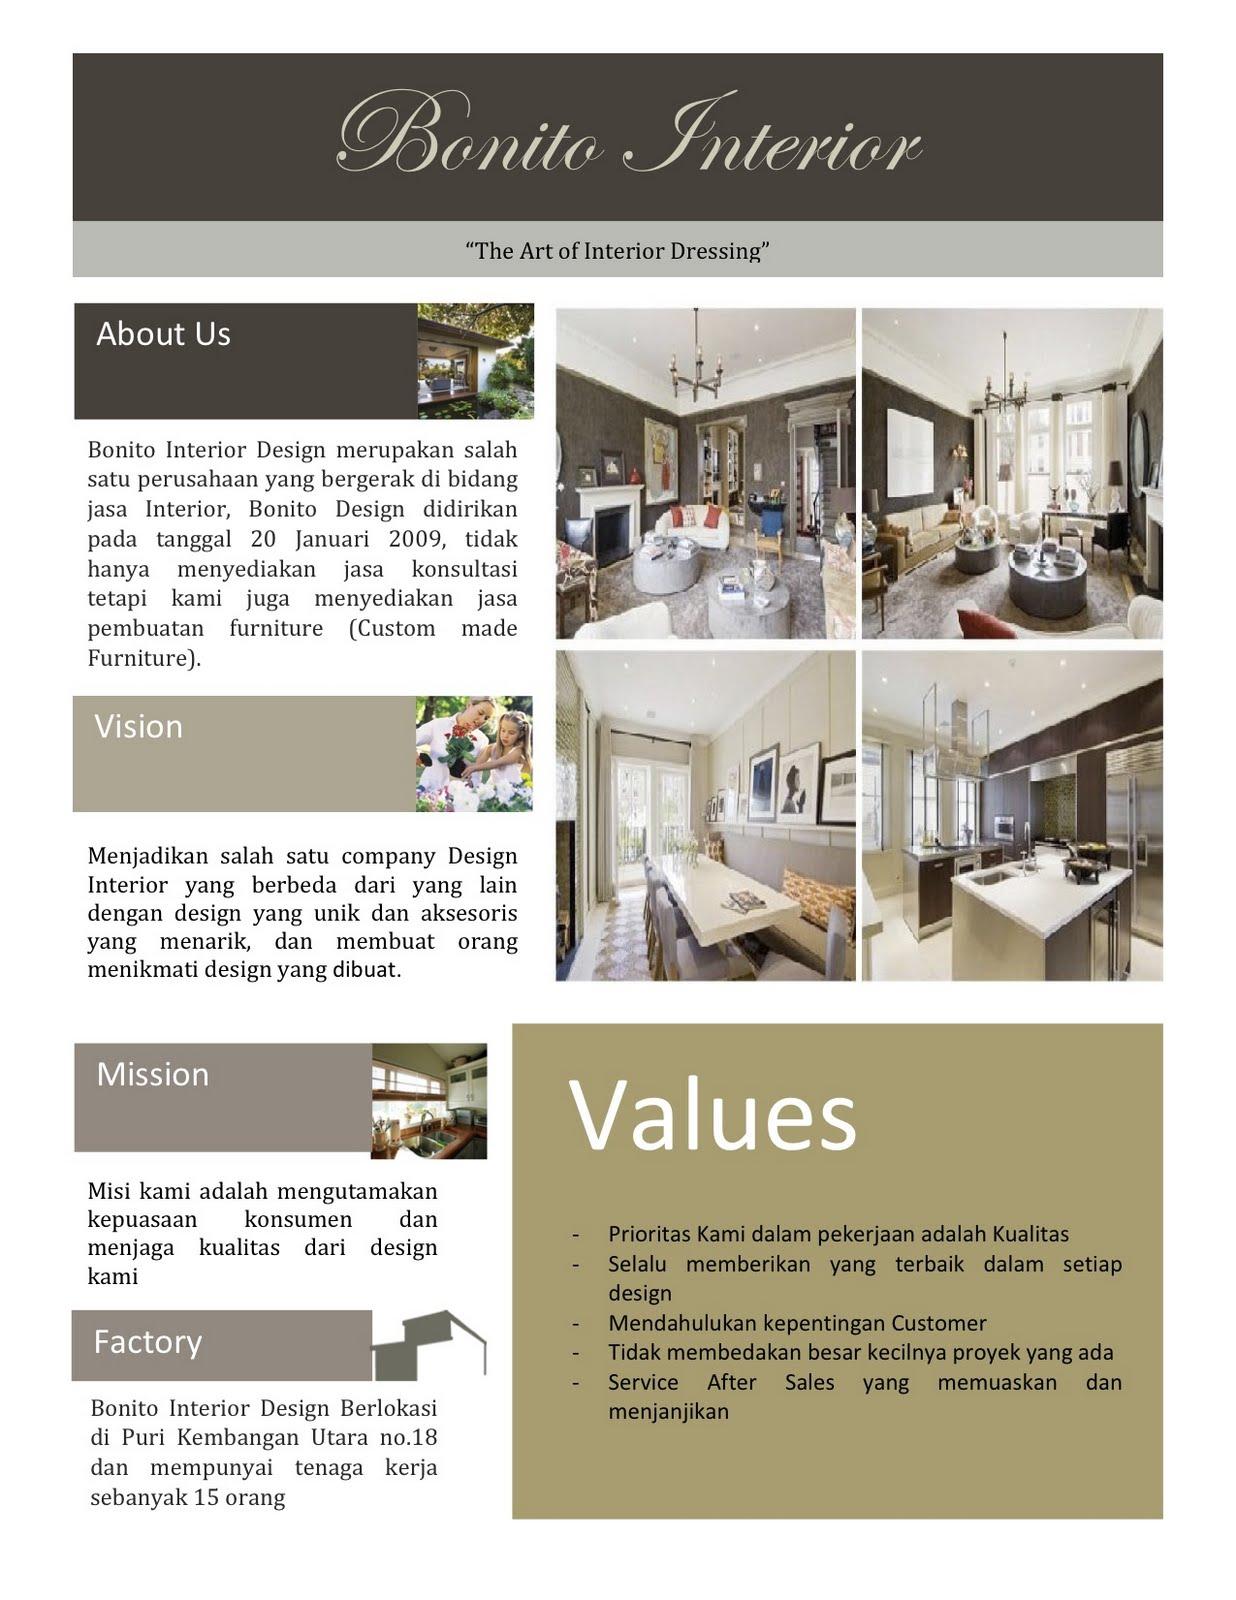 Living Room Interior Design Pdf: 25 Images Interior Designer Profile Sample